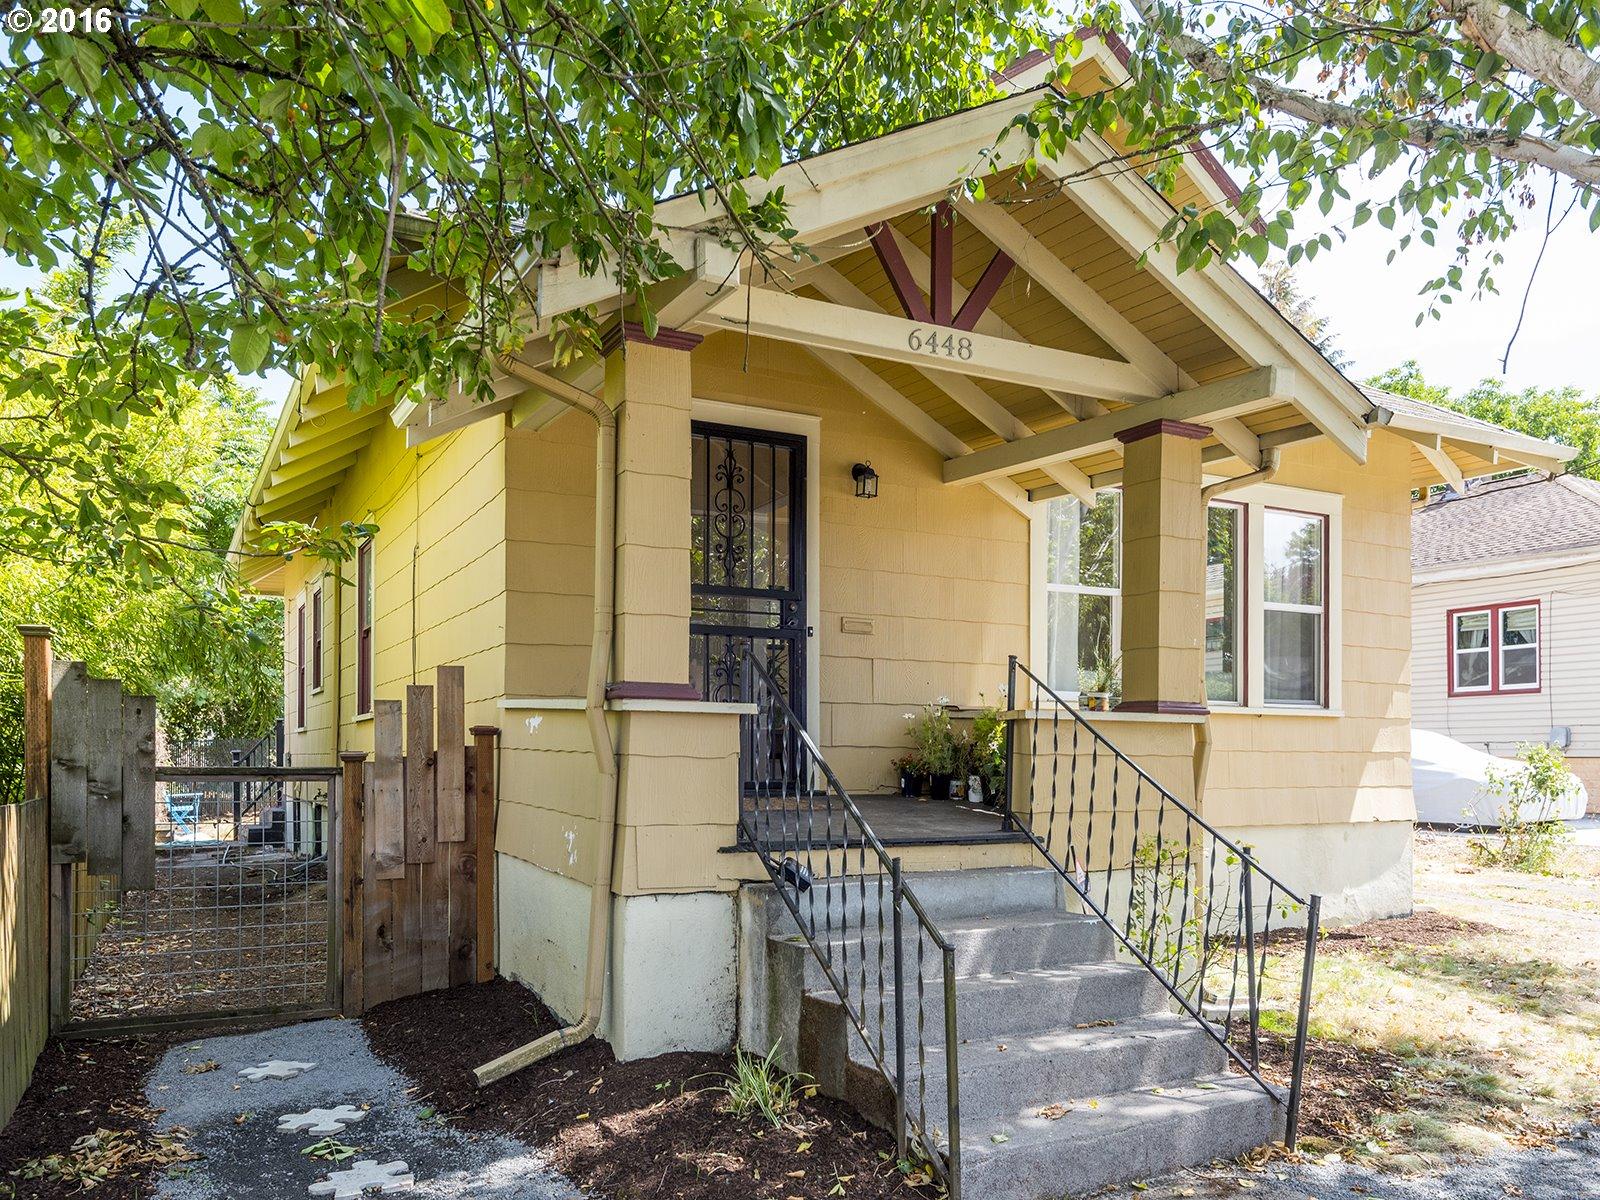 6448 NE 7th Ave // $445,000